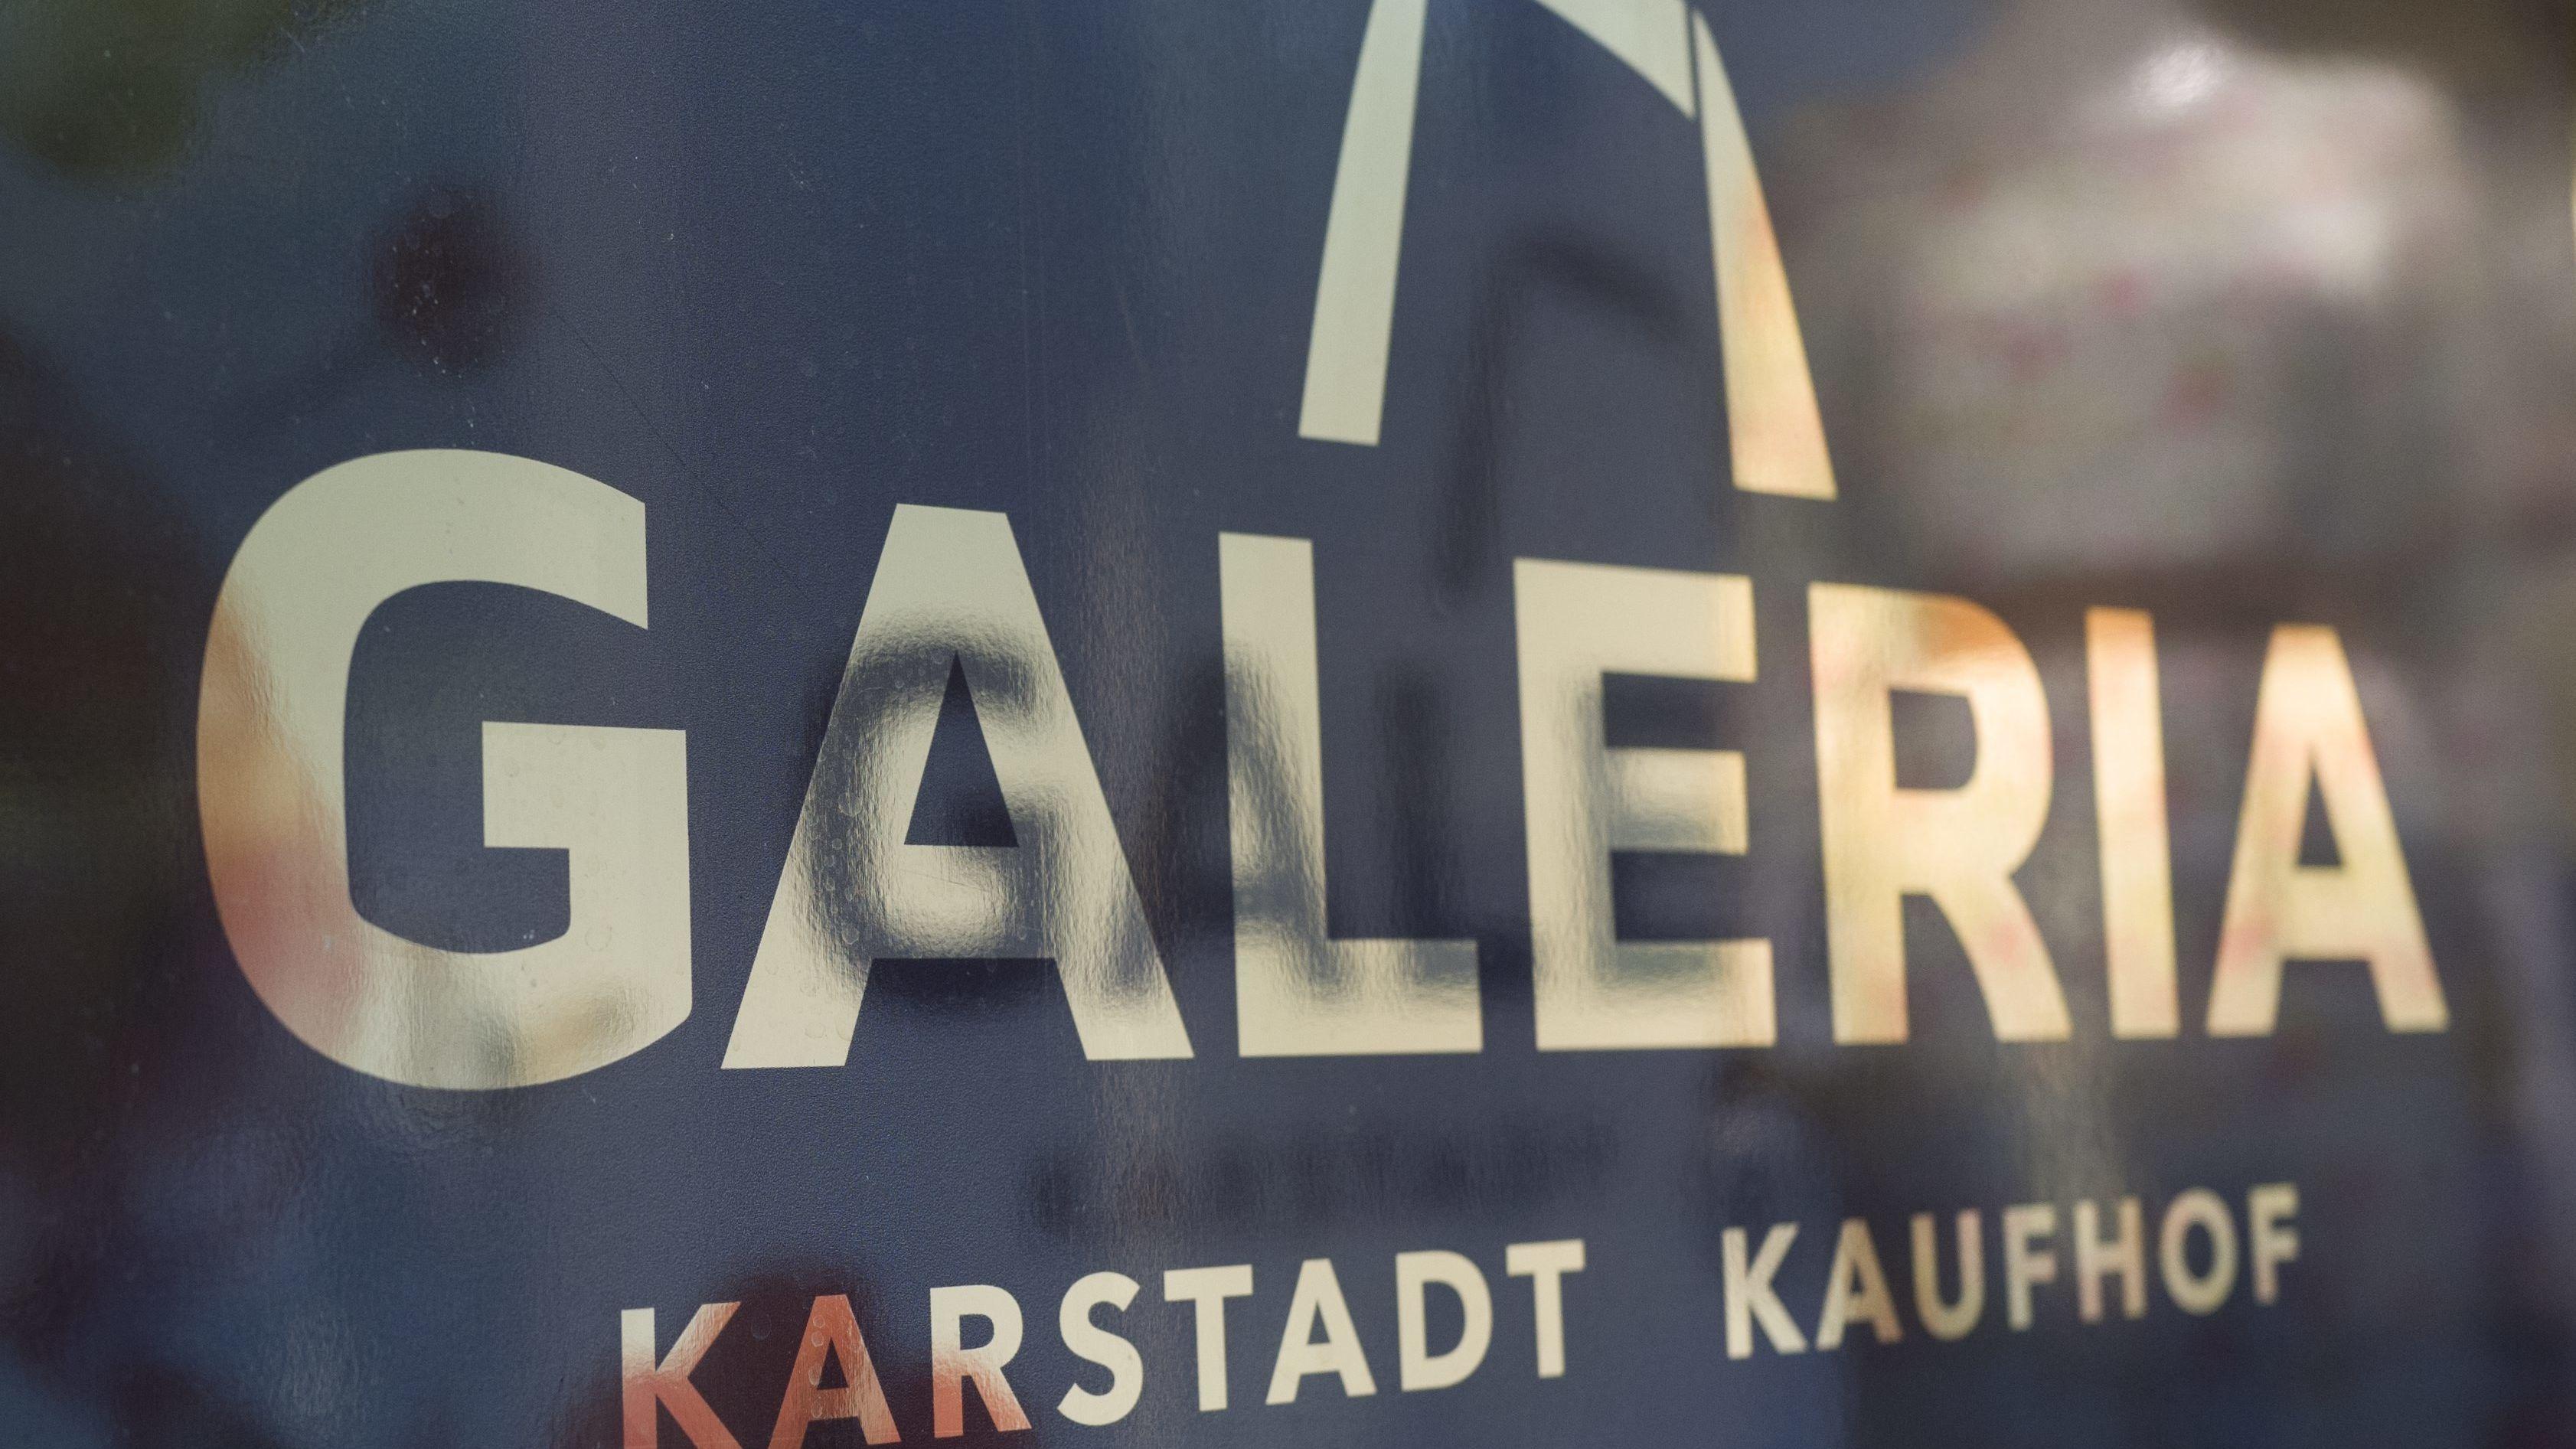 Nach monatelangen Verhandlungen haben sich die Gewerkschaft ver.di und das Management der Kaufhausketten Karstadt und Kaufhof auf einen Tarifvertrag verständigt.